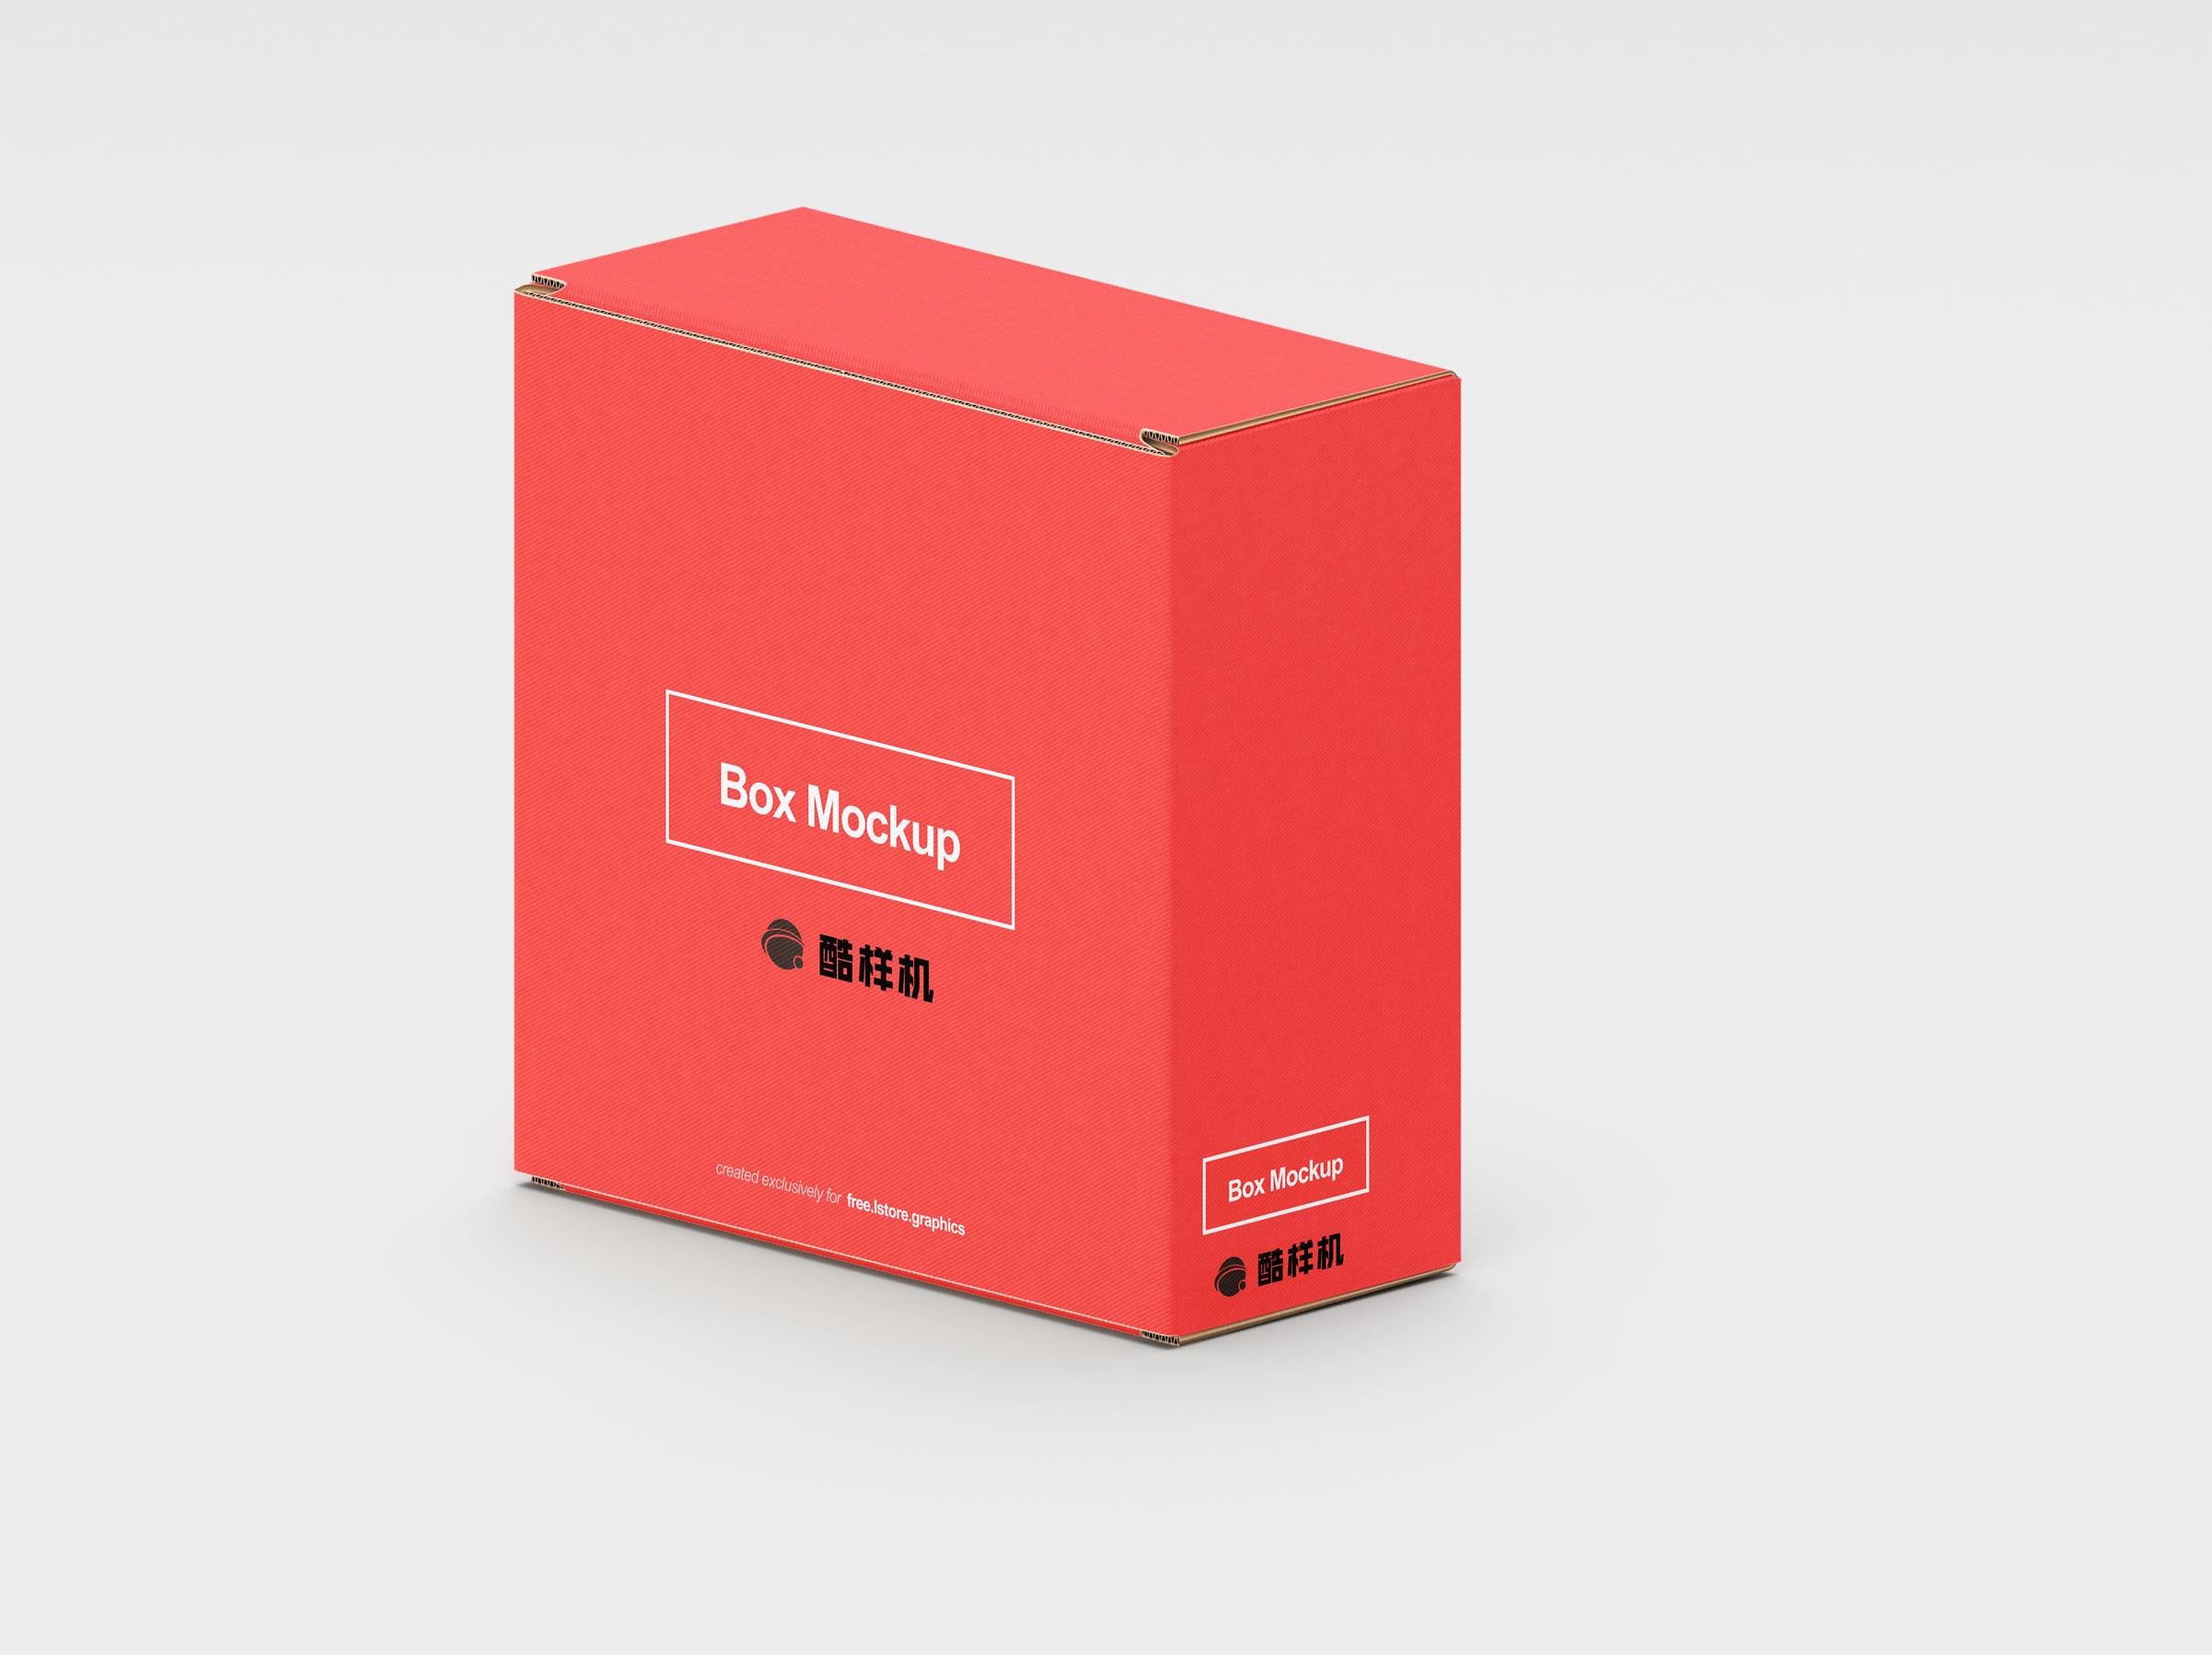 ea6dda91f2baaeb - 简约长方形纸箱样机